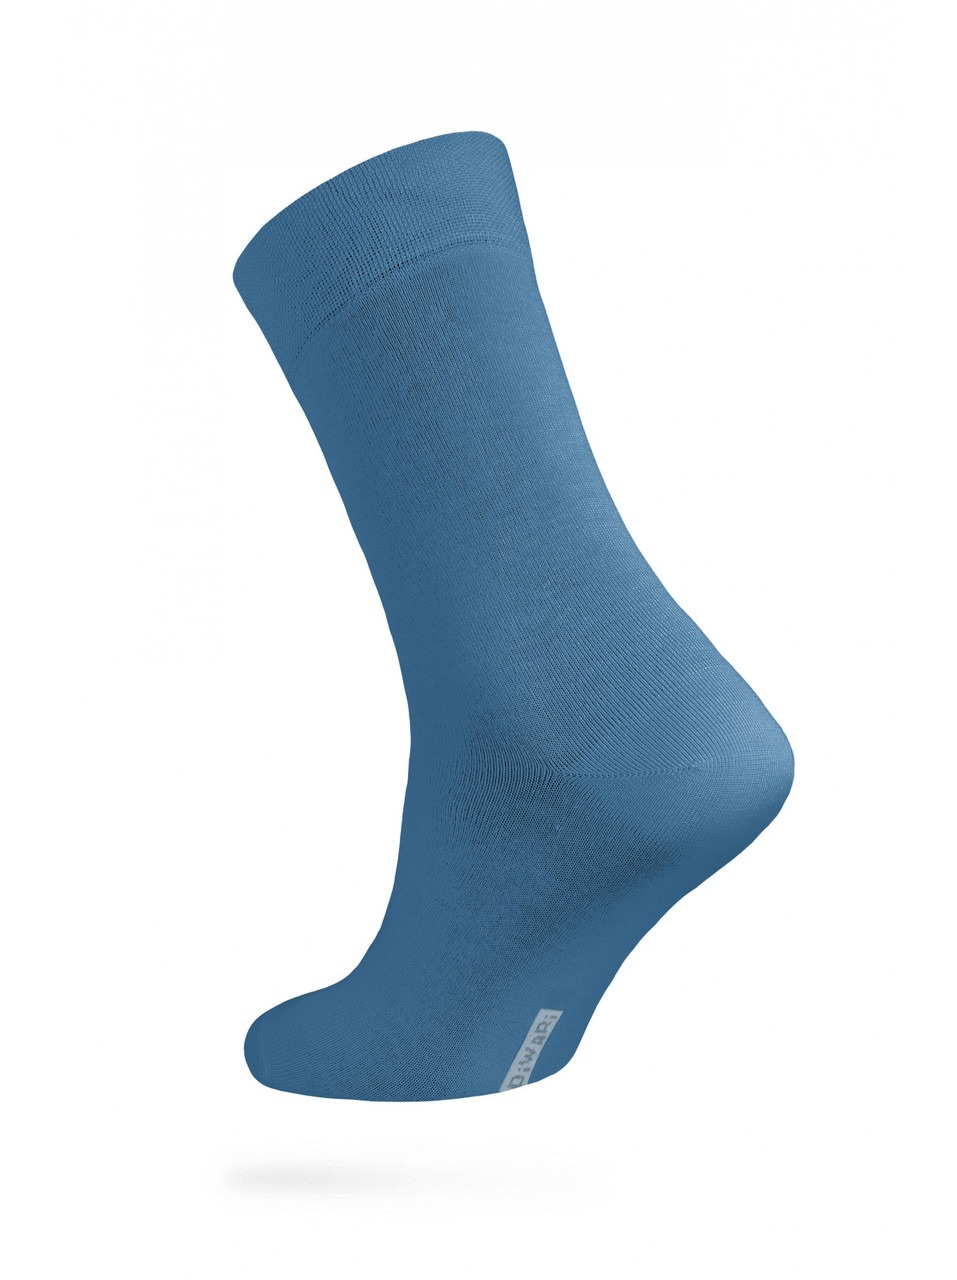 Носки мужские классические голубые джинс CLASSIC DIWARI 5С-08СП